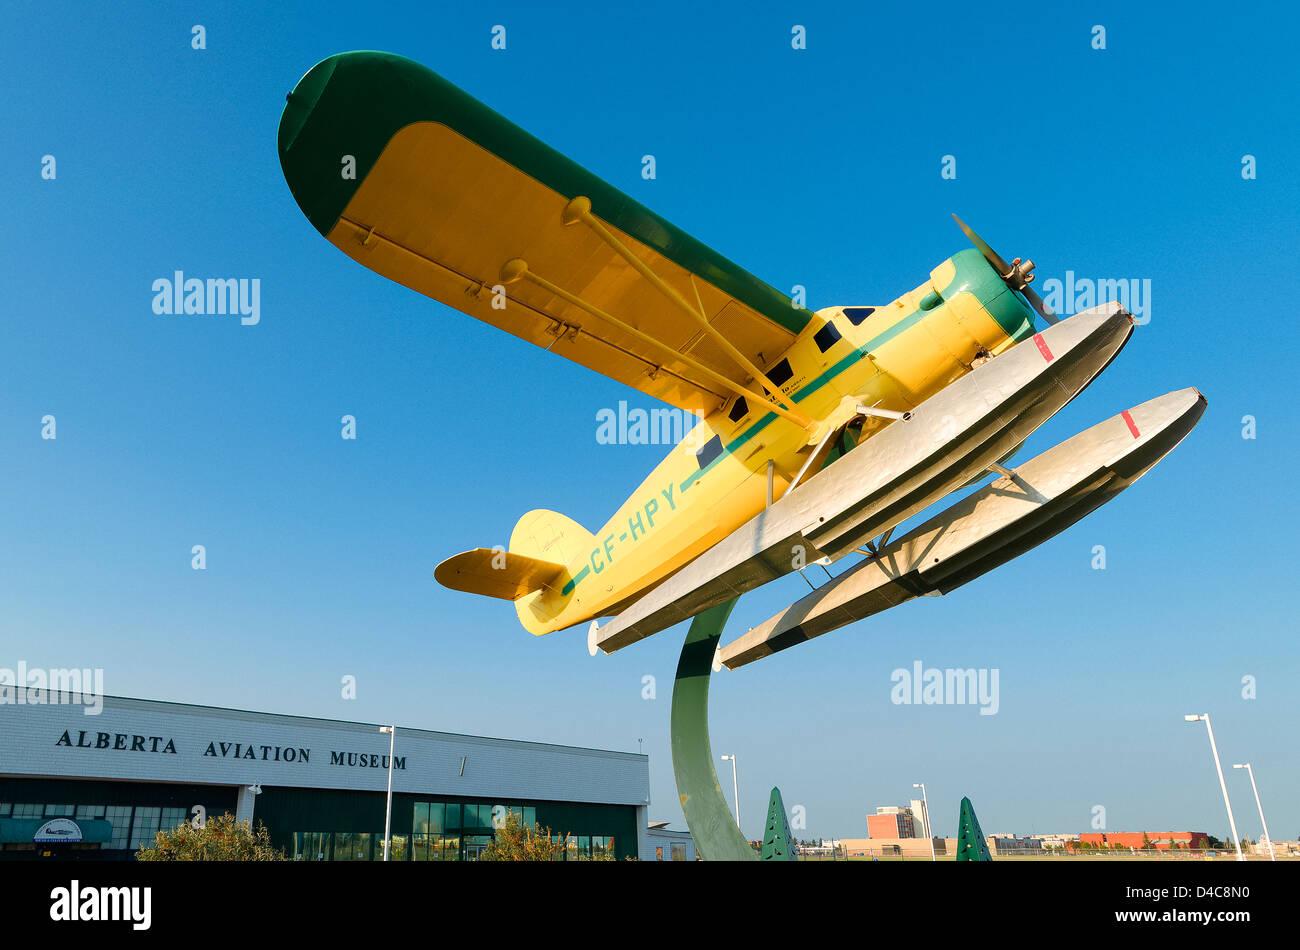 En dehors d'hydravion Musée de l'aviation de l'Alberta, Edmonton, Alberta, Canada Banque D'Images